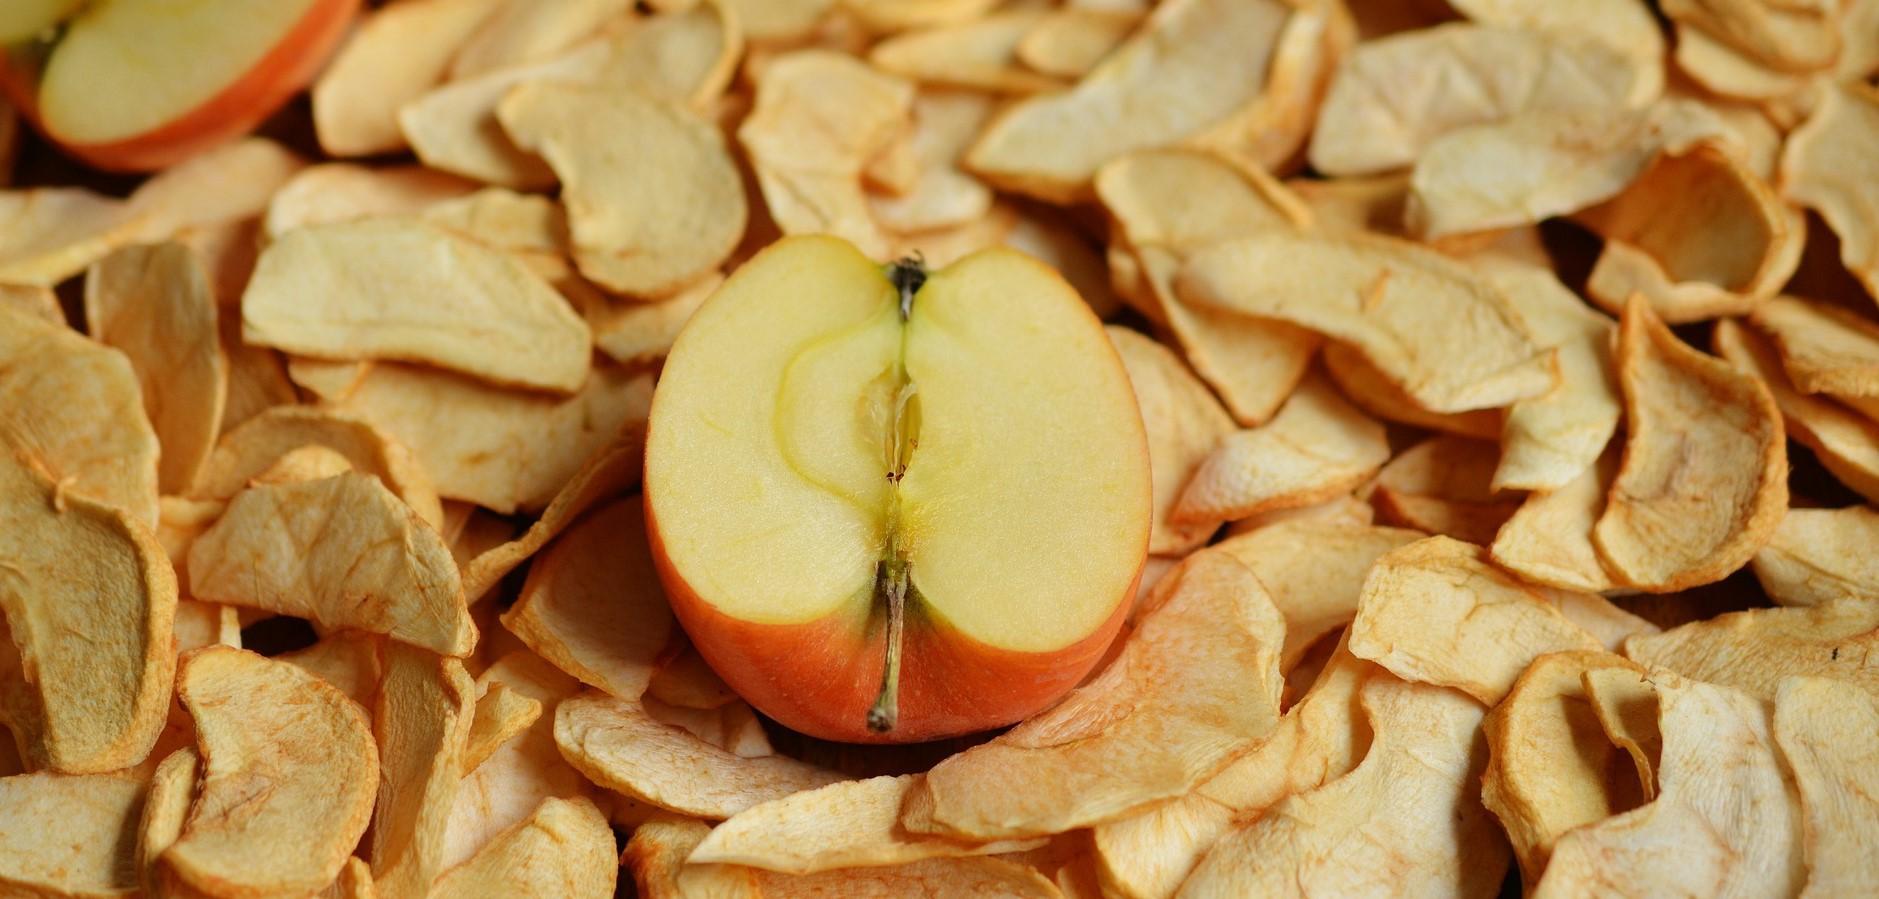 Что делать, если в сушеных яблоках завелась моль